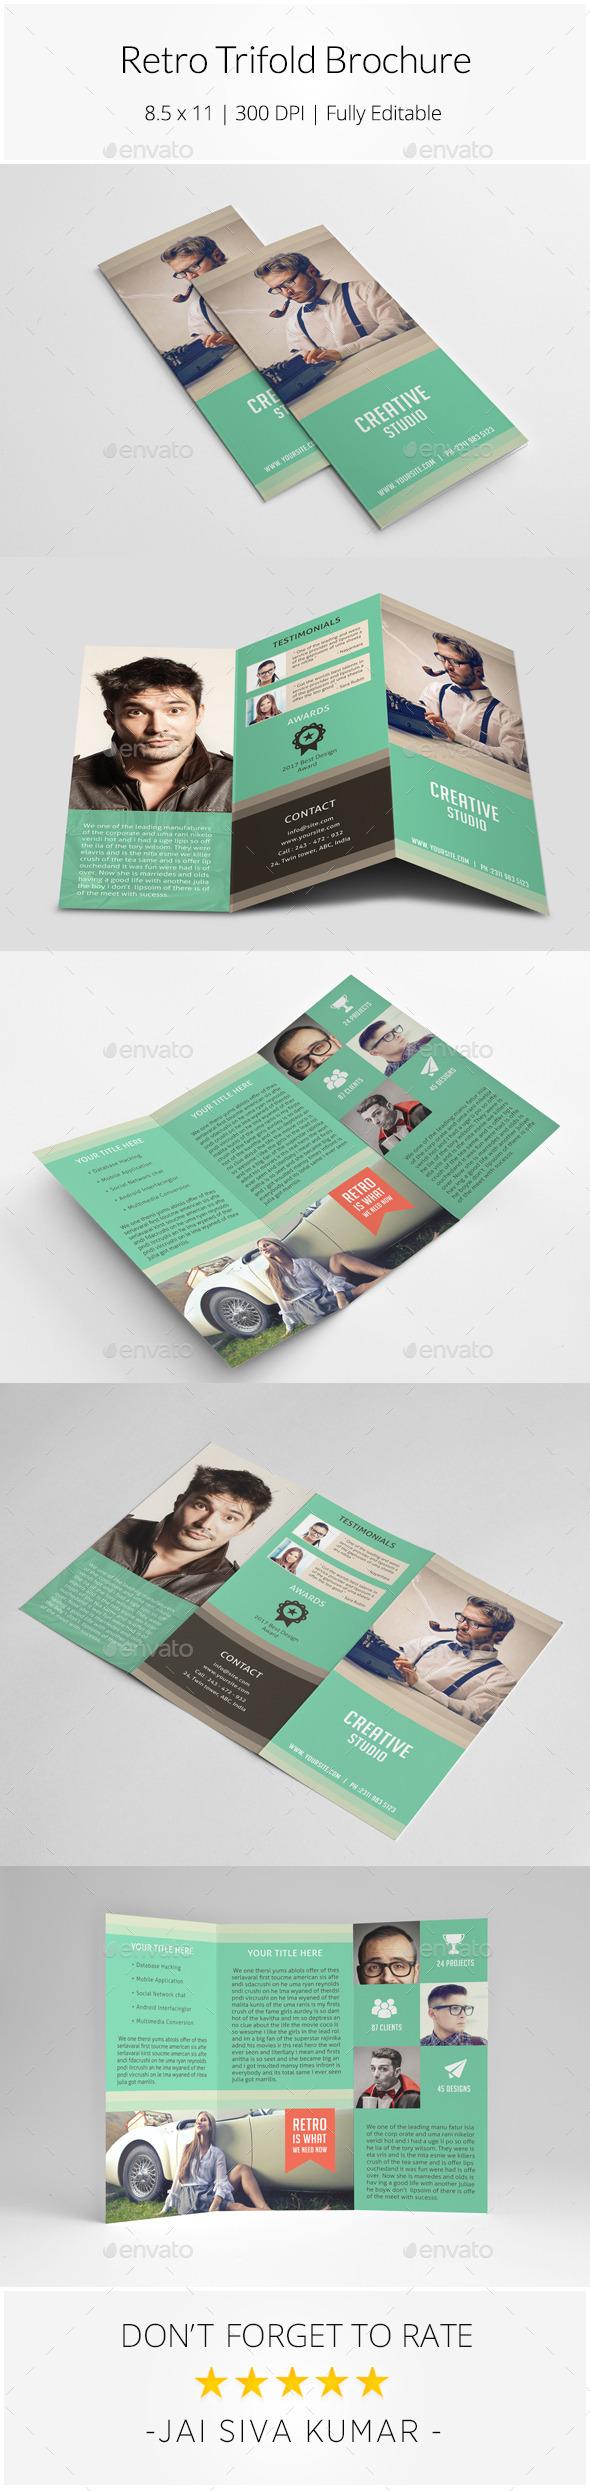 GraphicRiver Retro Style Trifold Brochure 11297442